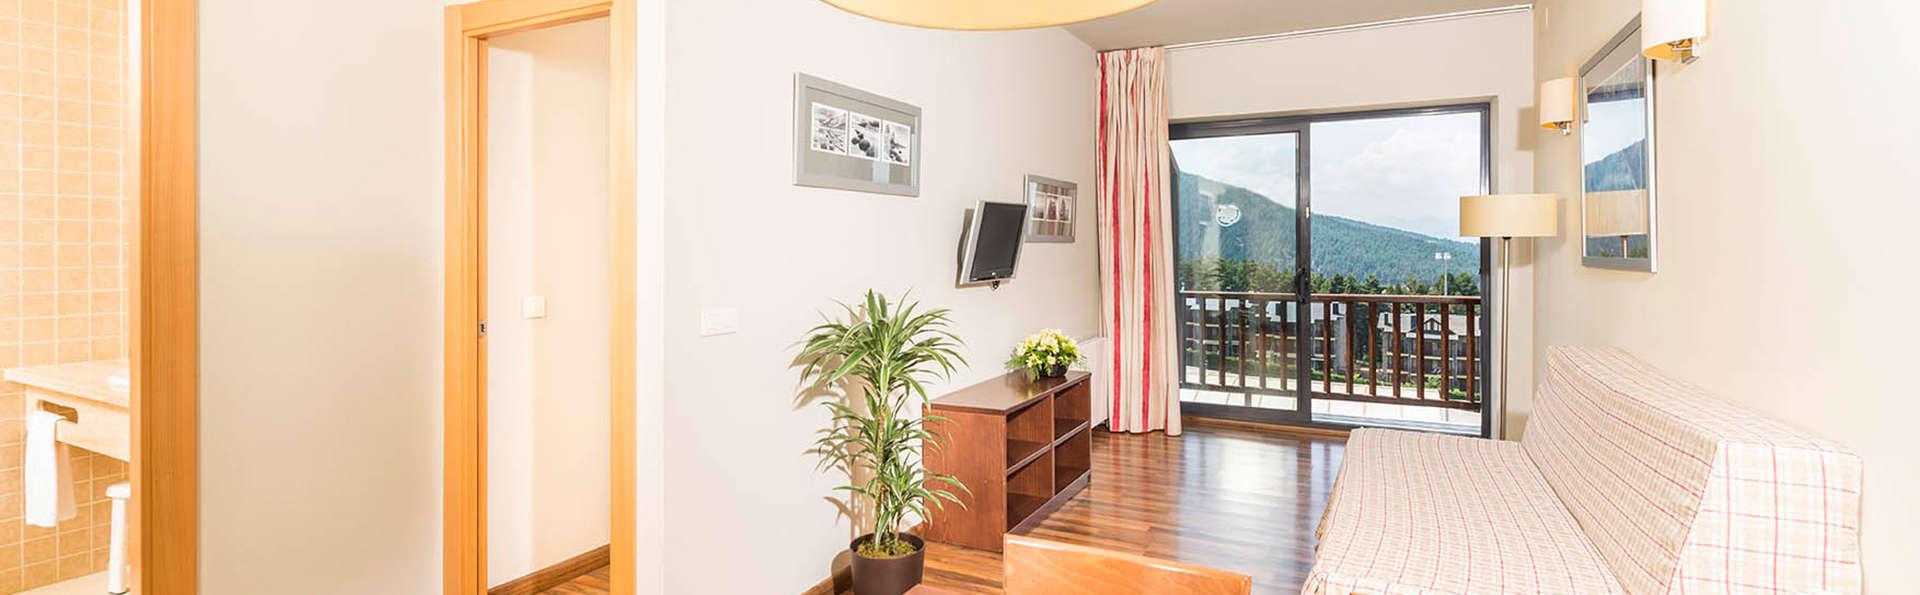 Guitart La Molina Aparthotel & Spa - edit_livingroom2.jpg